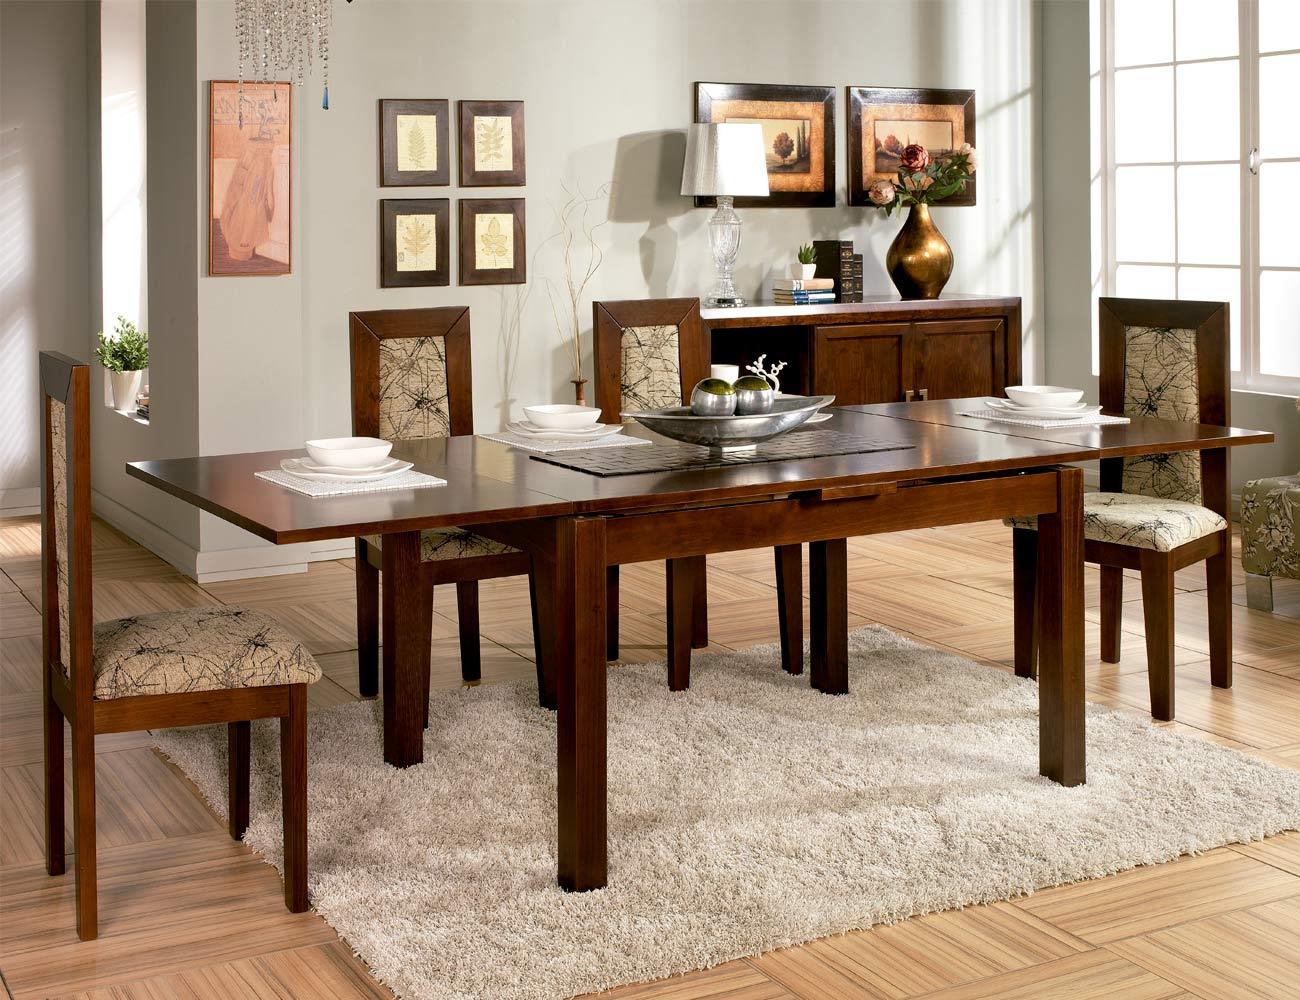 Composicion33 mesa salon comedor sillas tapizadas madera5